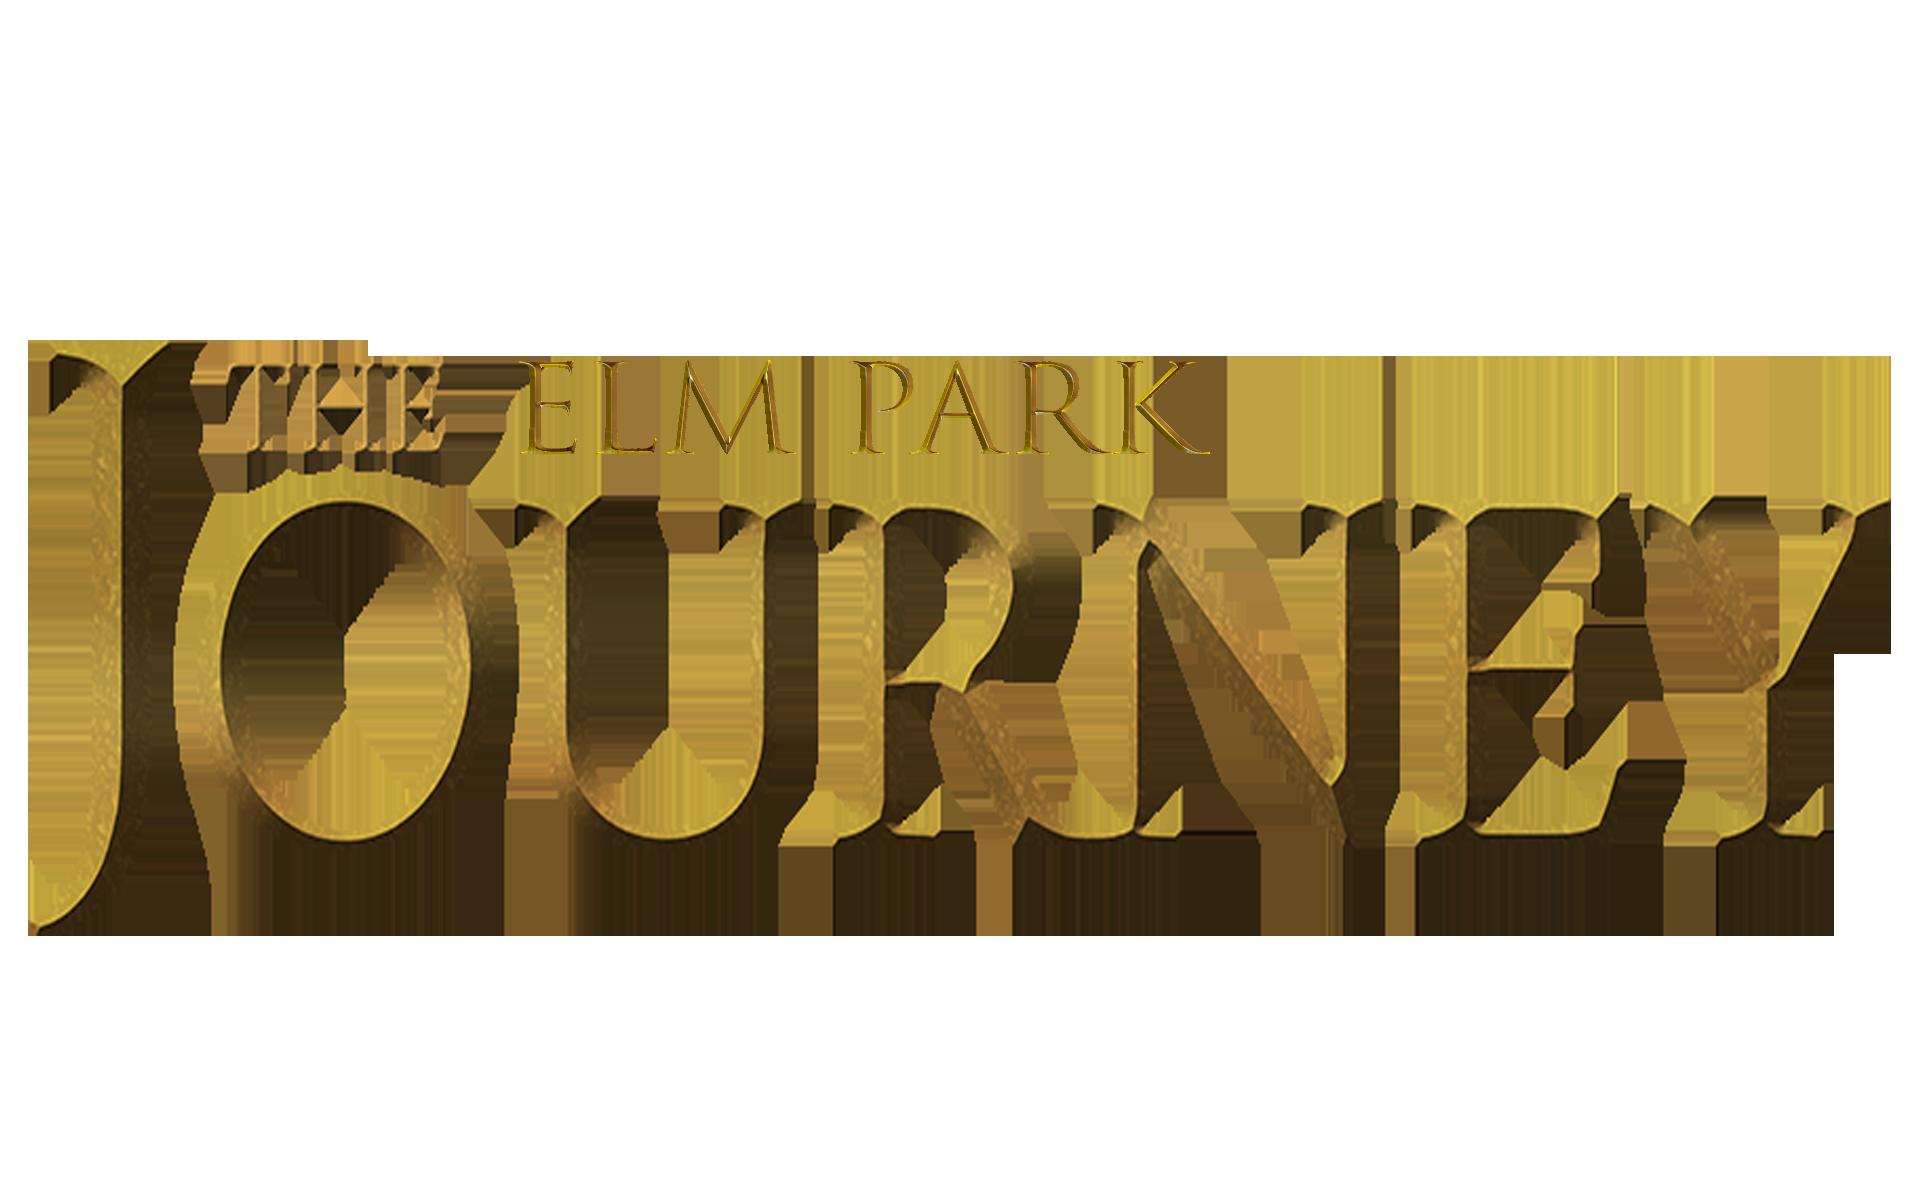 The Elm Park Journey - Web-series